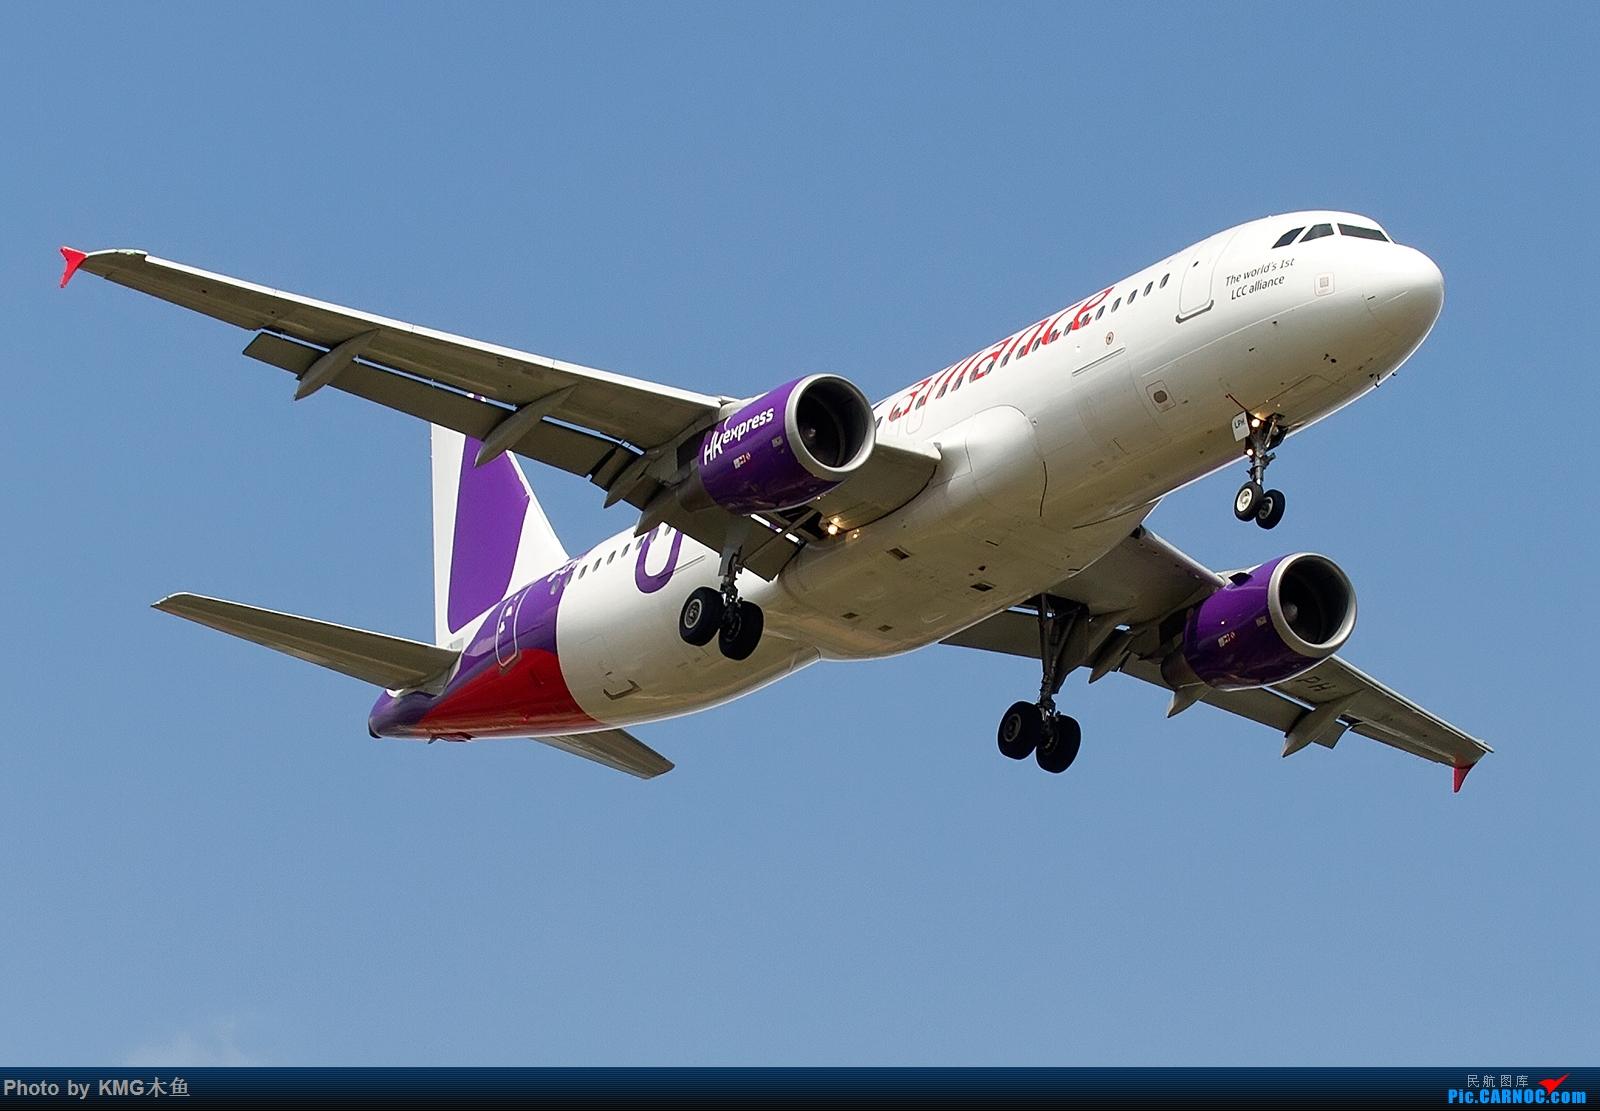 Re:[原创]【昆明长水国际机场——KMG木鱼拍机】第一次大中午的拍飞机,还好宽体比较多,也算是值得了 AIRBUS A320-200 B-LPH 中国昆明长水国际机场